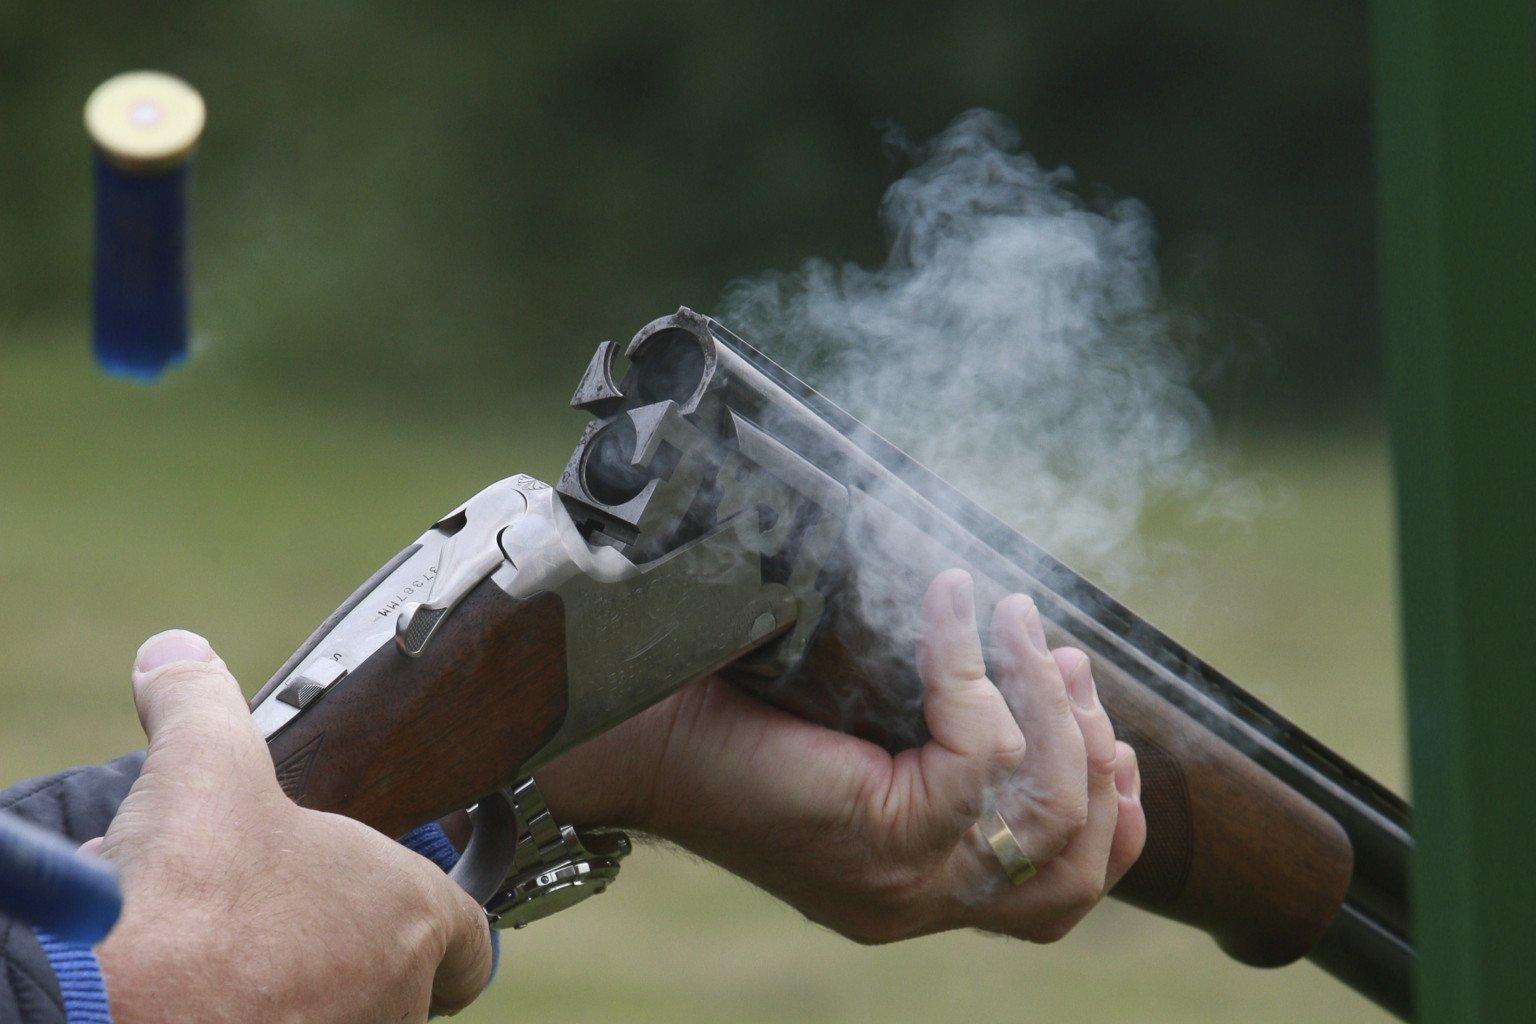 Гражданин Палласовки вответ наудар поголове бутылкой выстрелил вобидчика